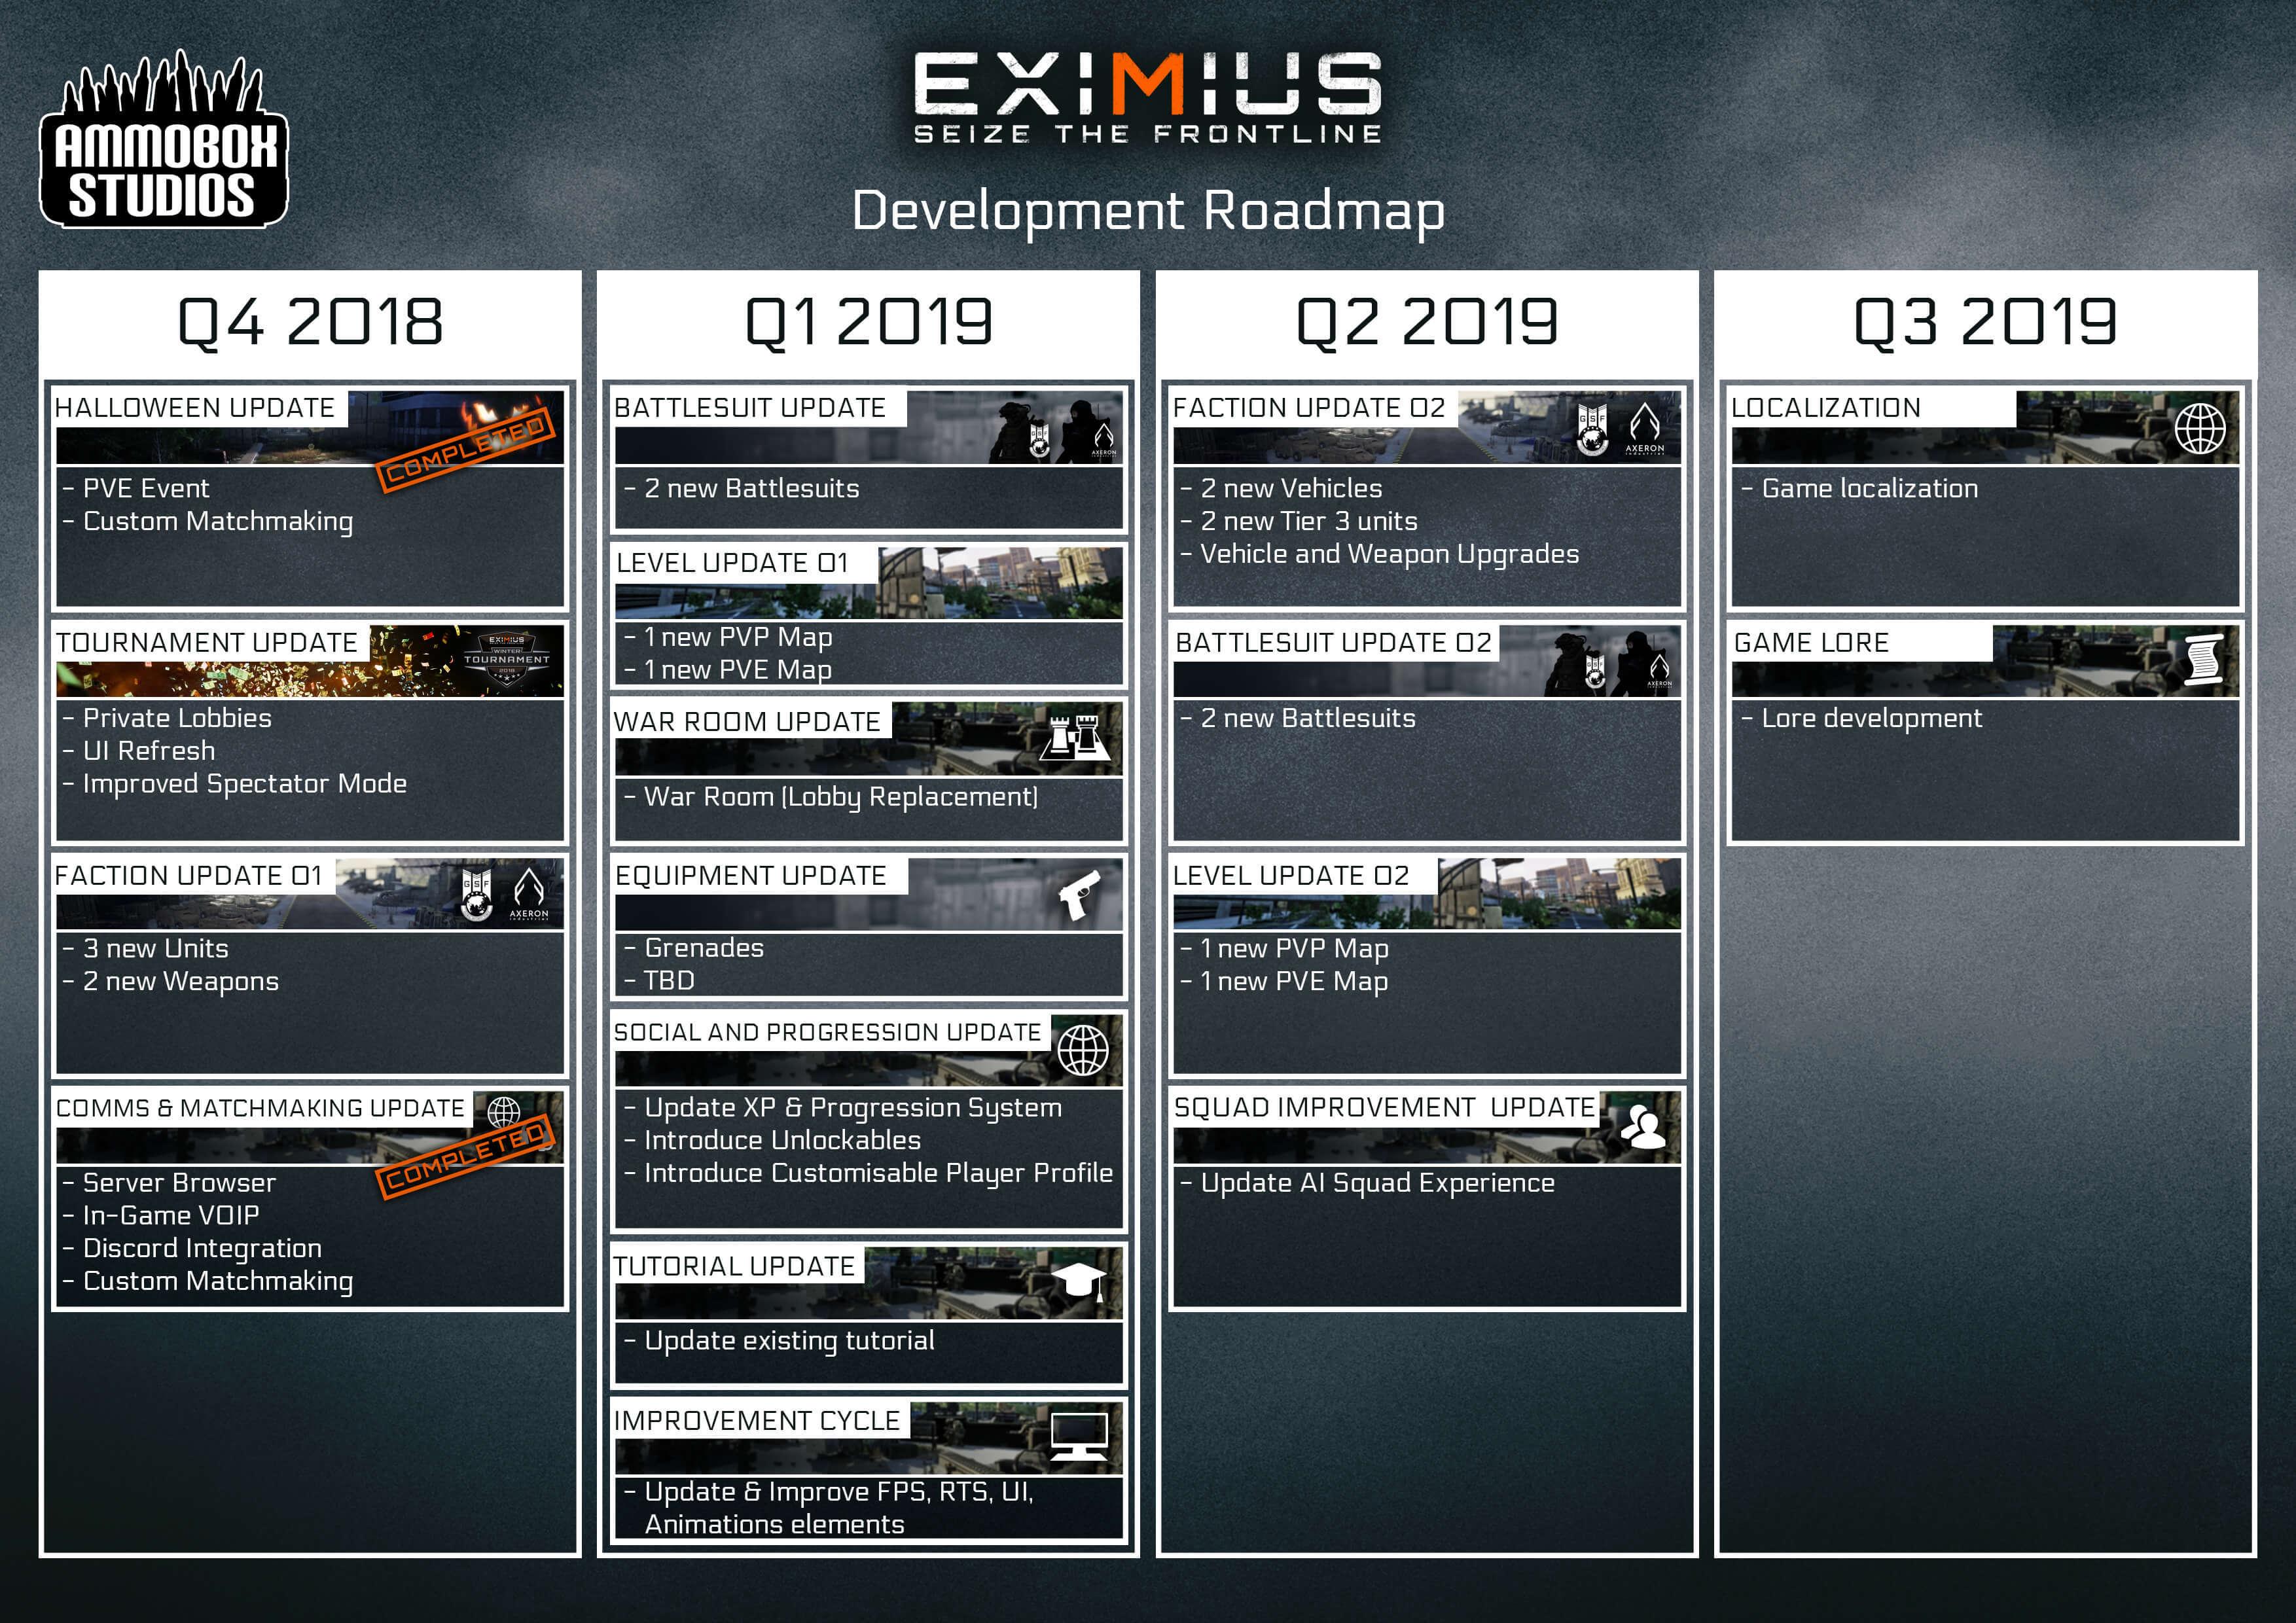 Jan 22 Eximius Update - January 23rd, 2019 Eximius: Seize